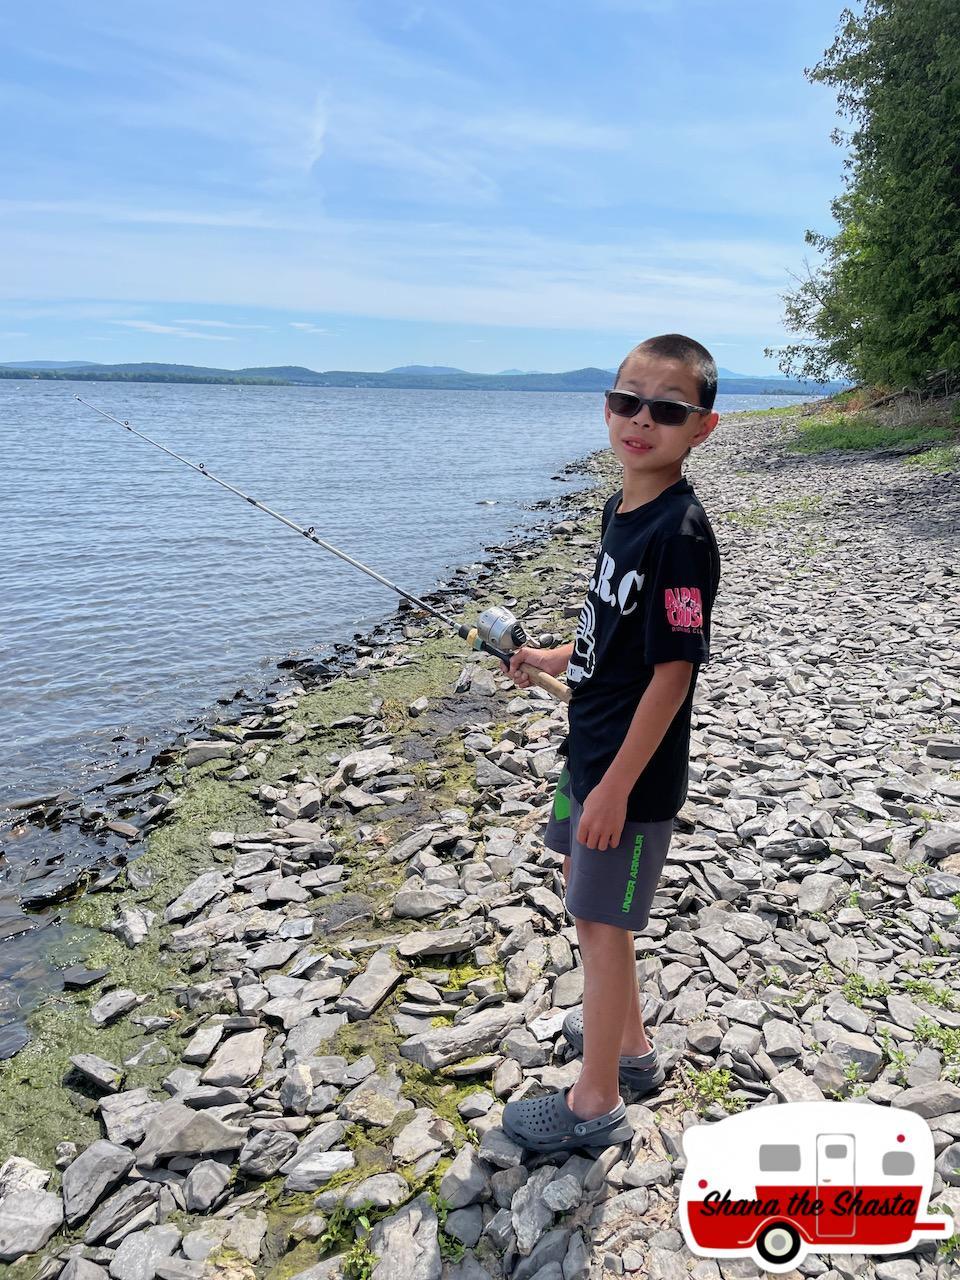 Fishing-Lake-Champlain-Shore